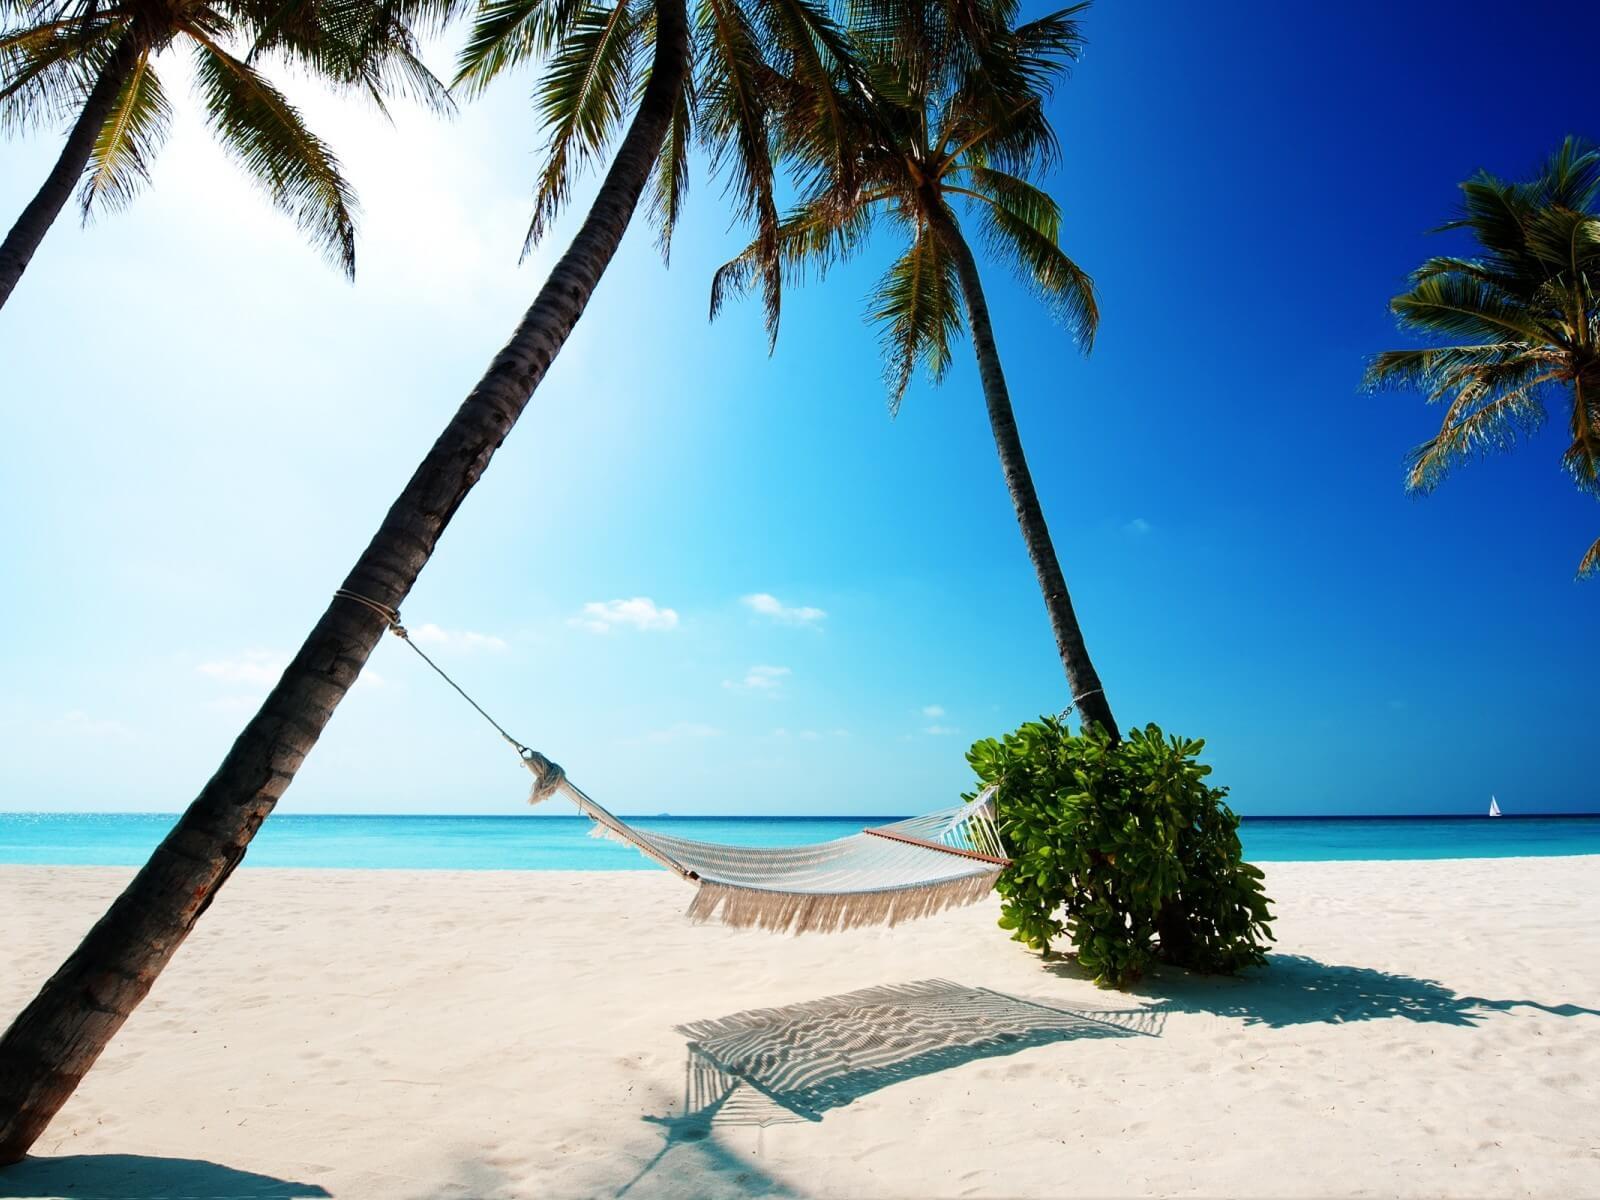 Ключевые положения об отпуске в Трудовом кодексе